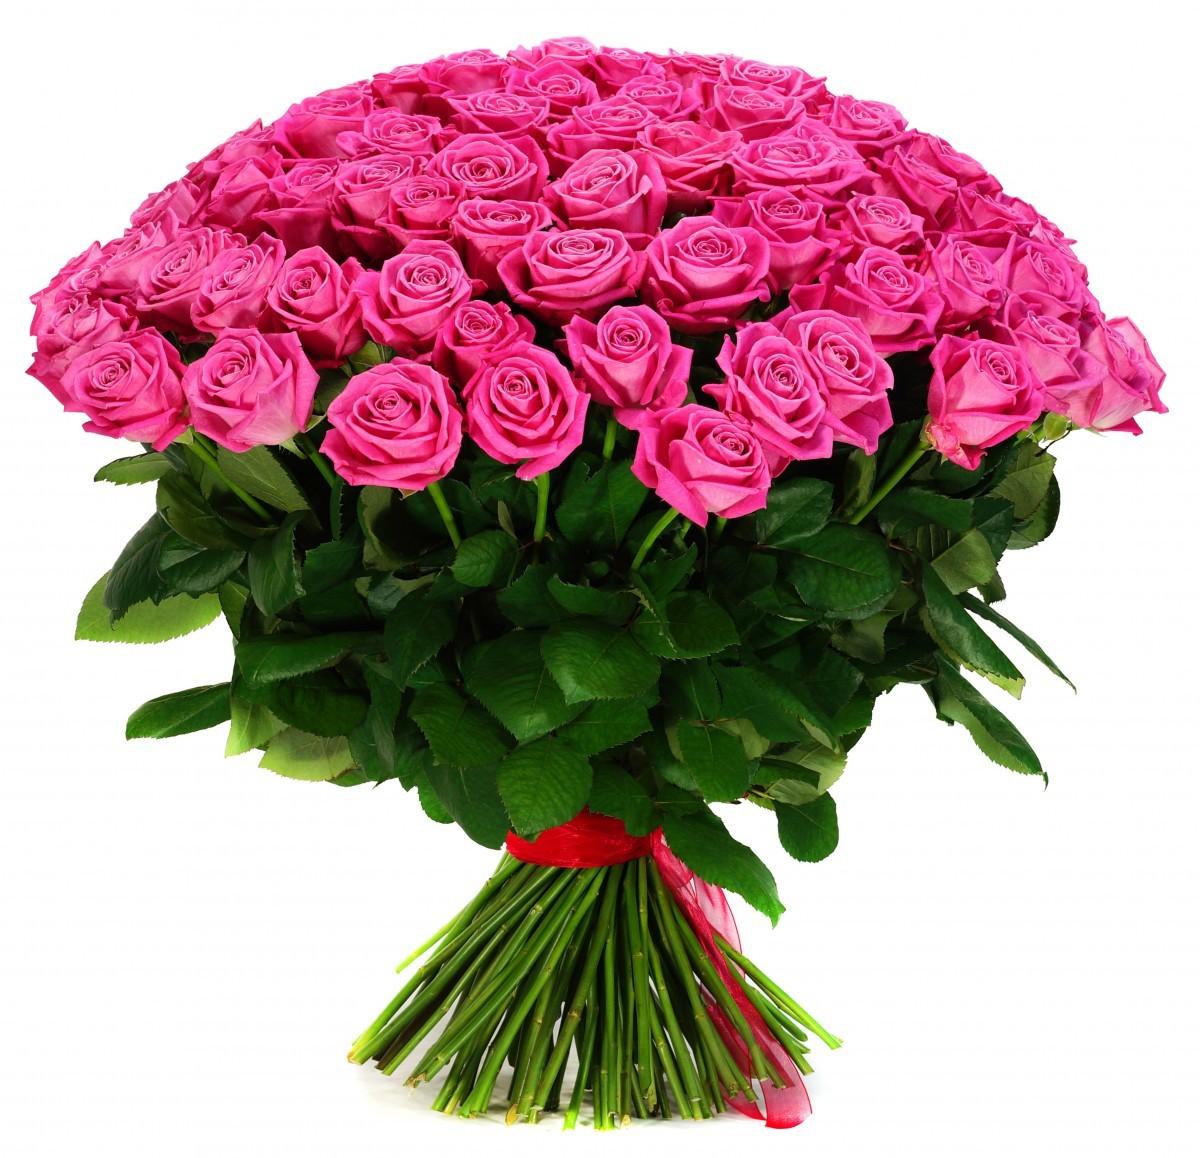 Самые красивые розы мира фото розовые счет